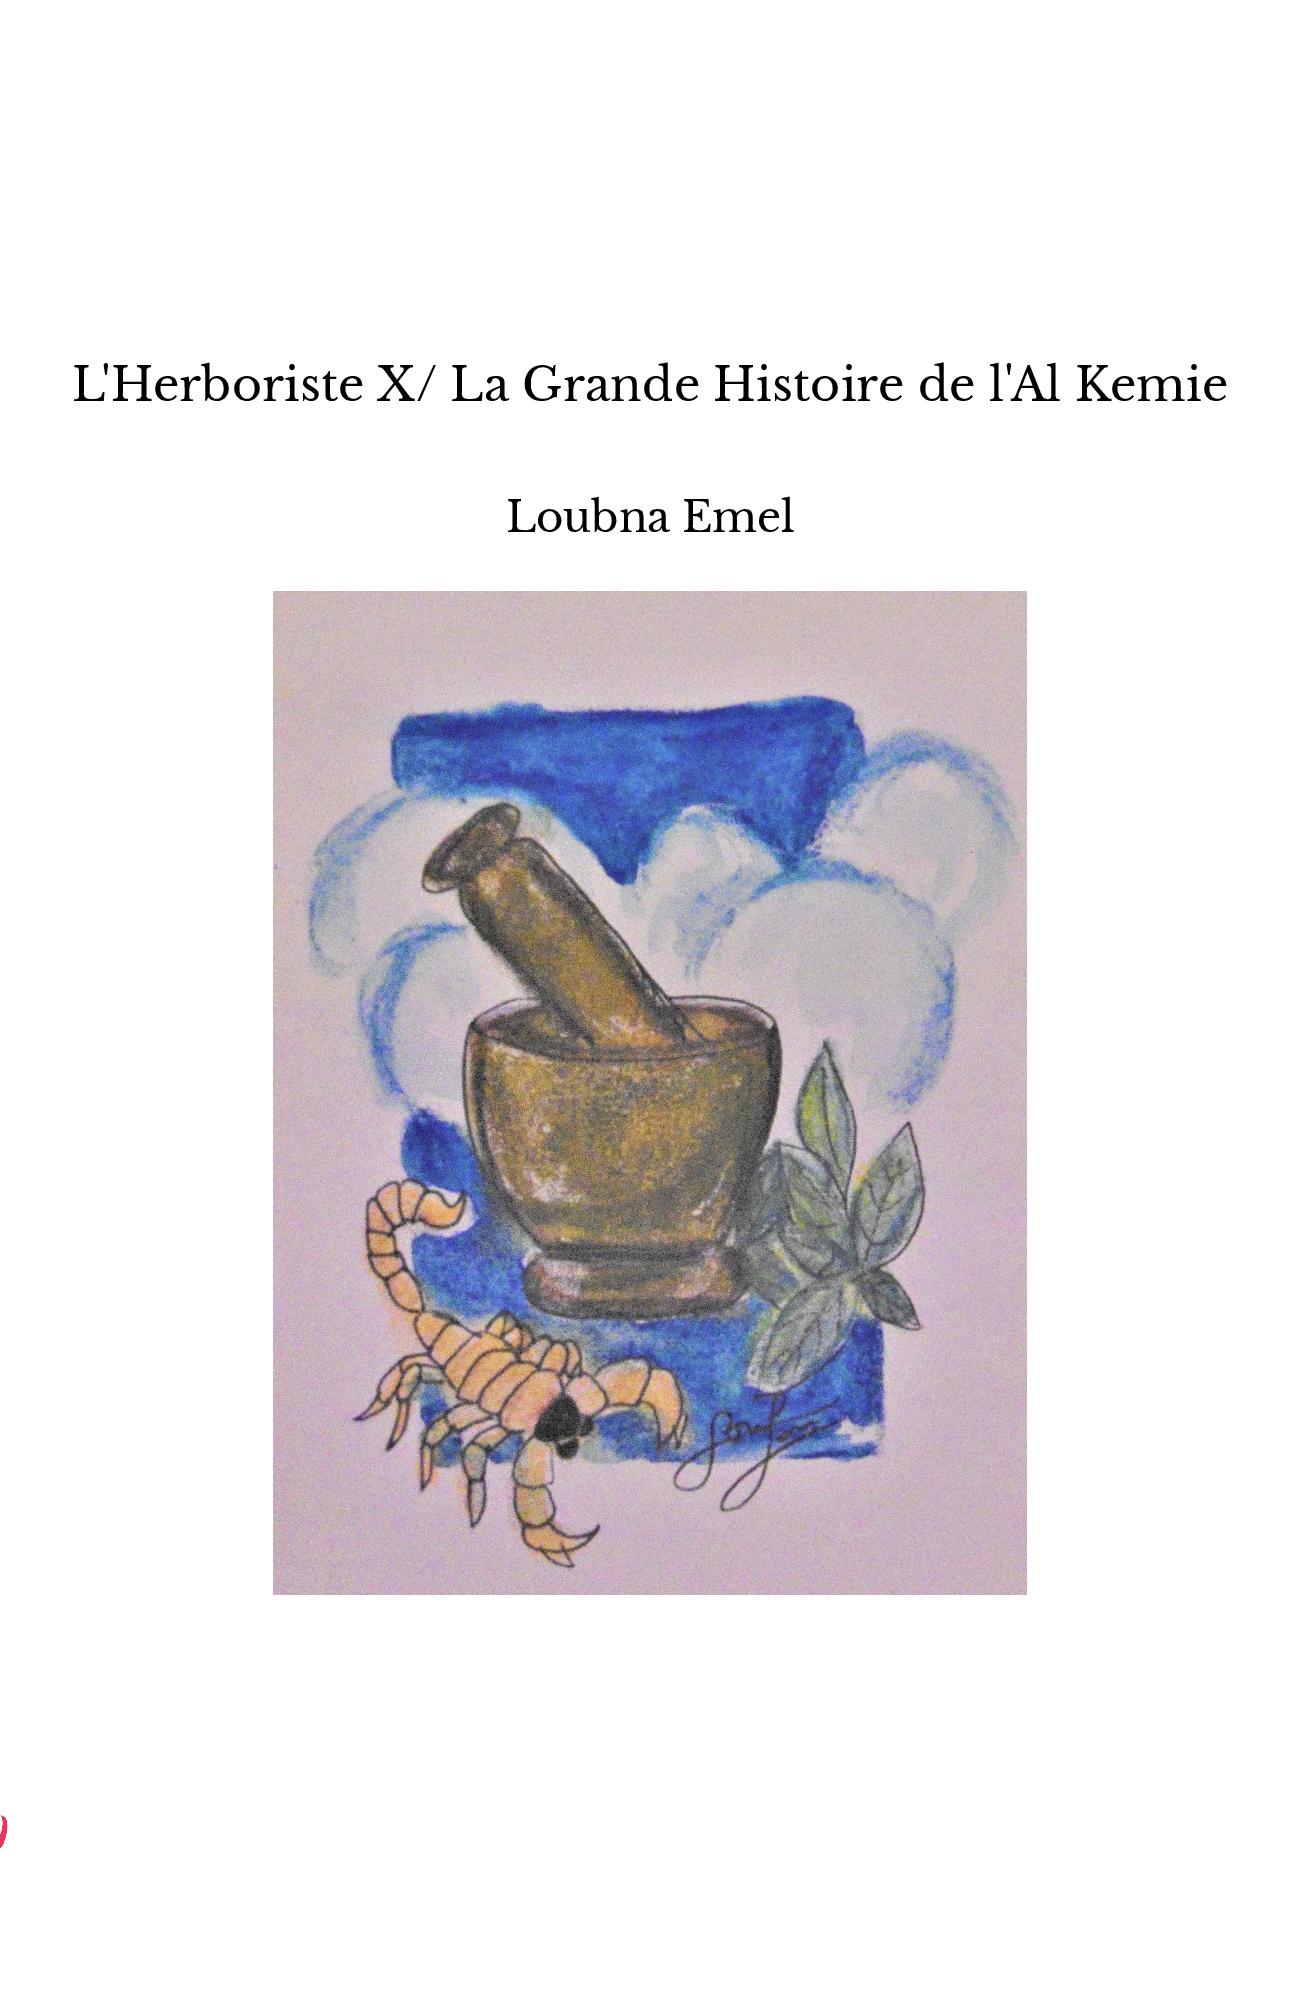 L'Herboriste X/ La Grande Histoire de l'Al Kemie